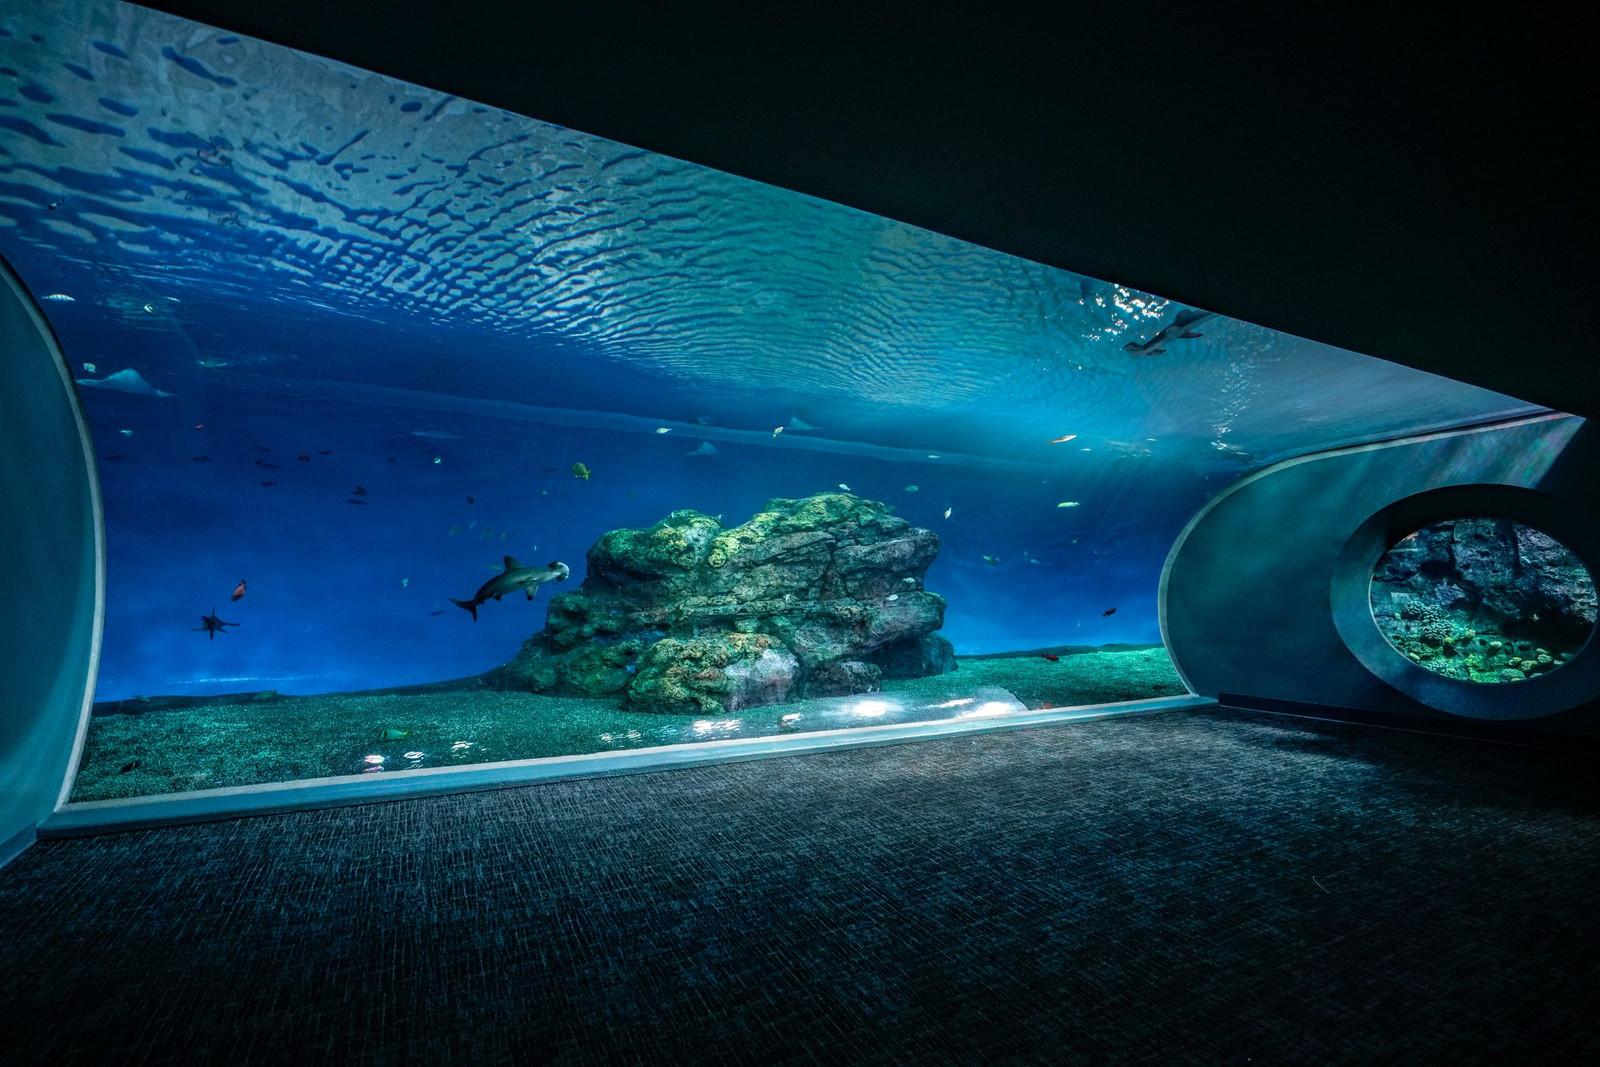 Projects Aquatic Exhibits International